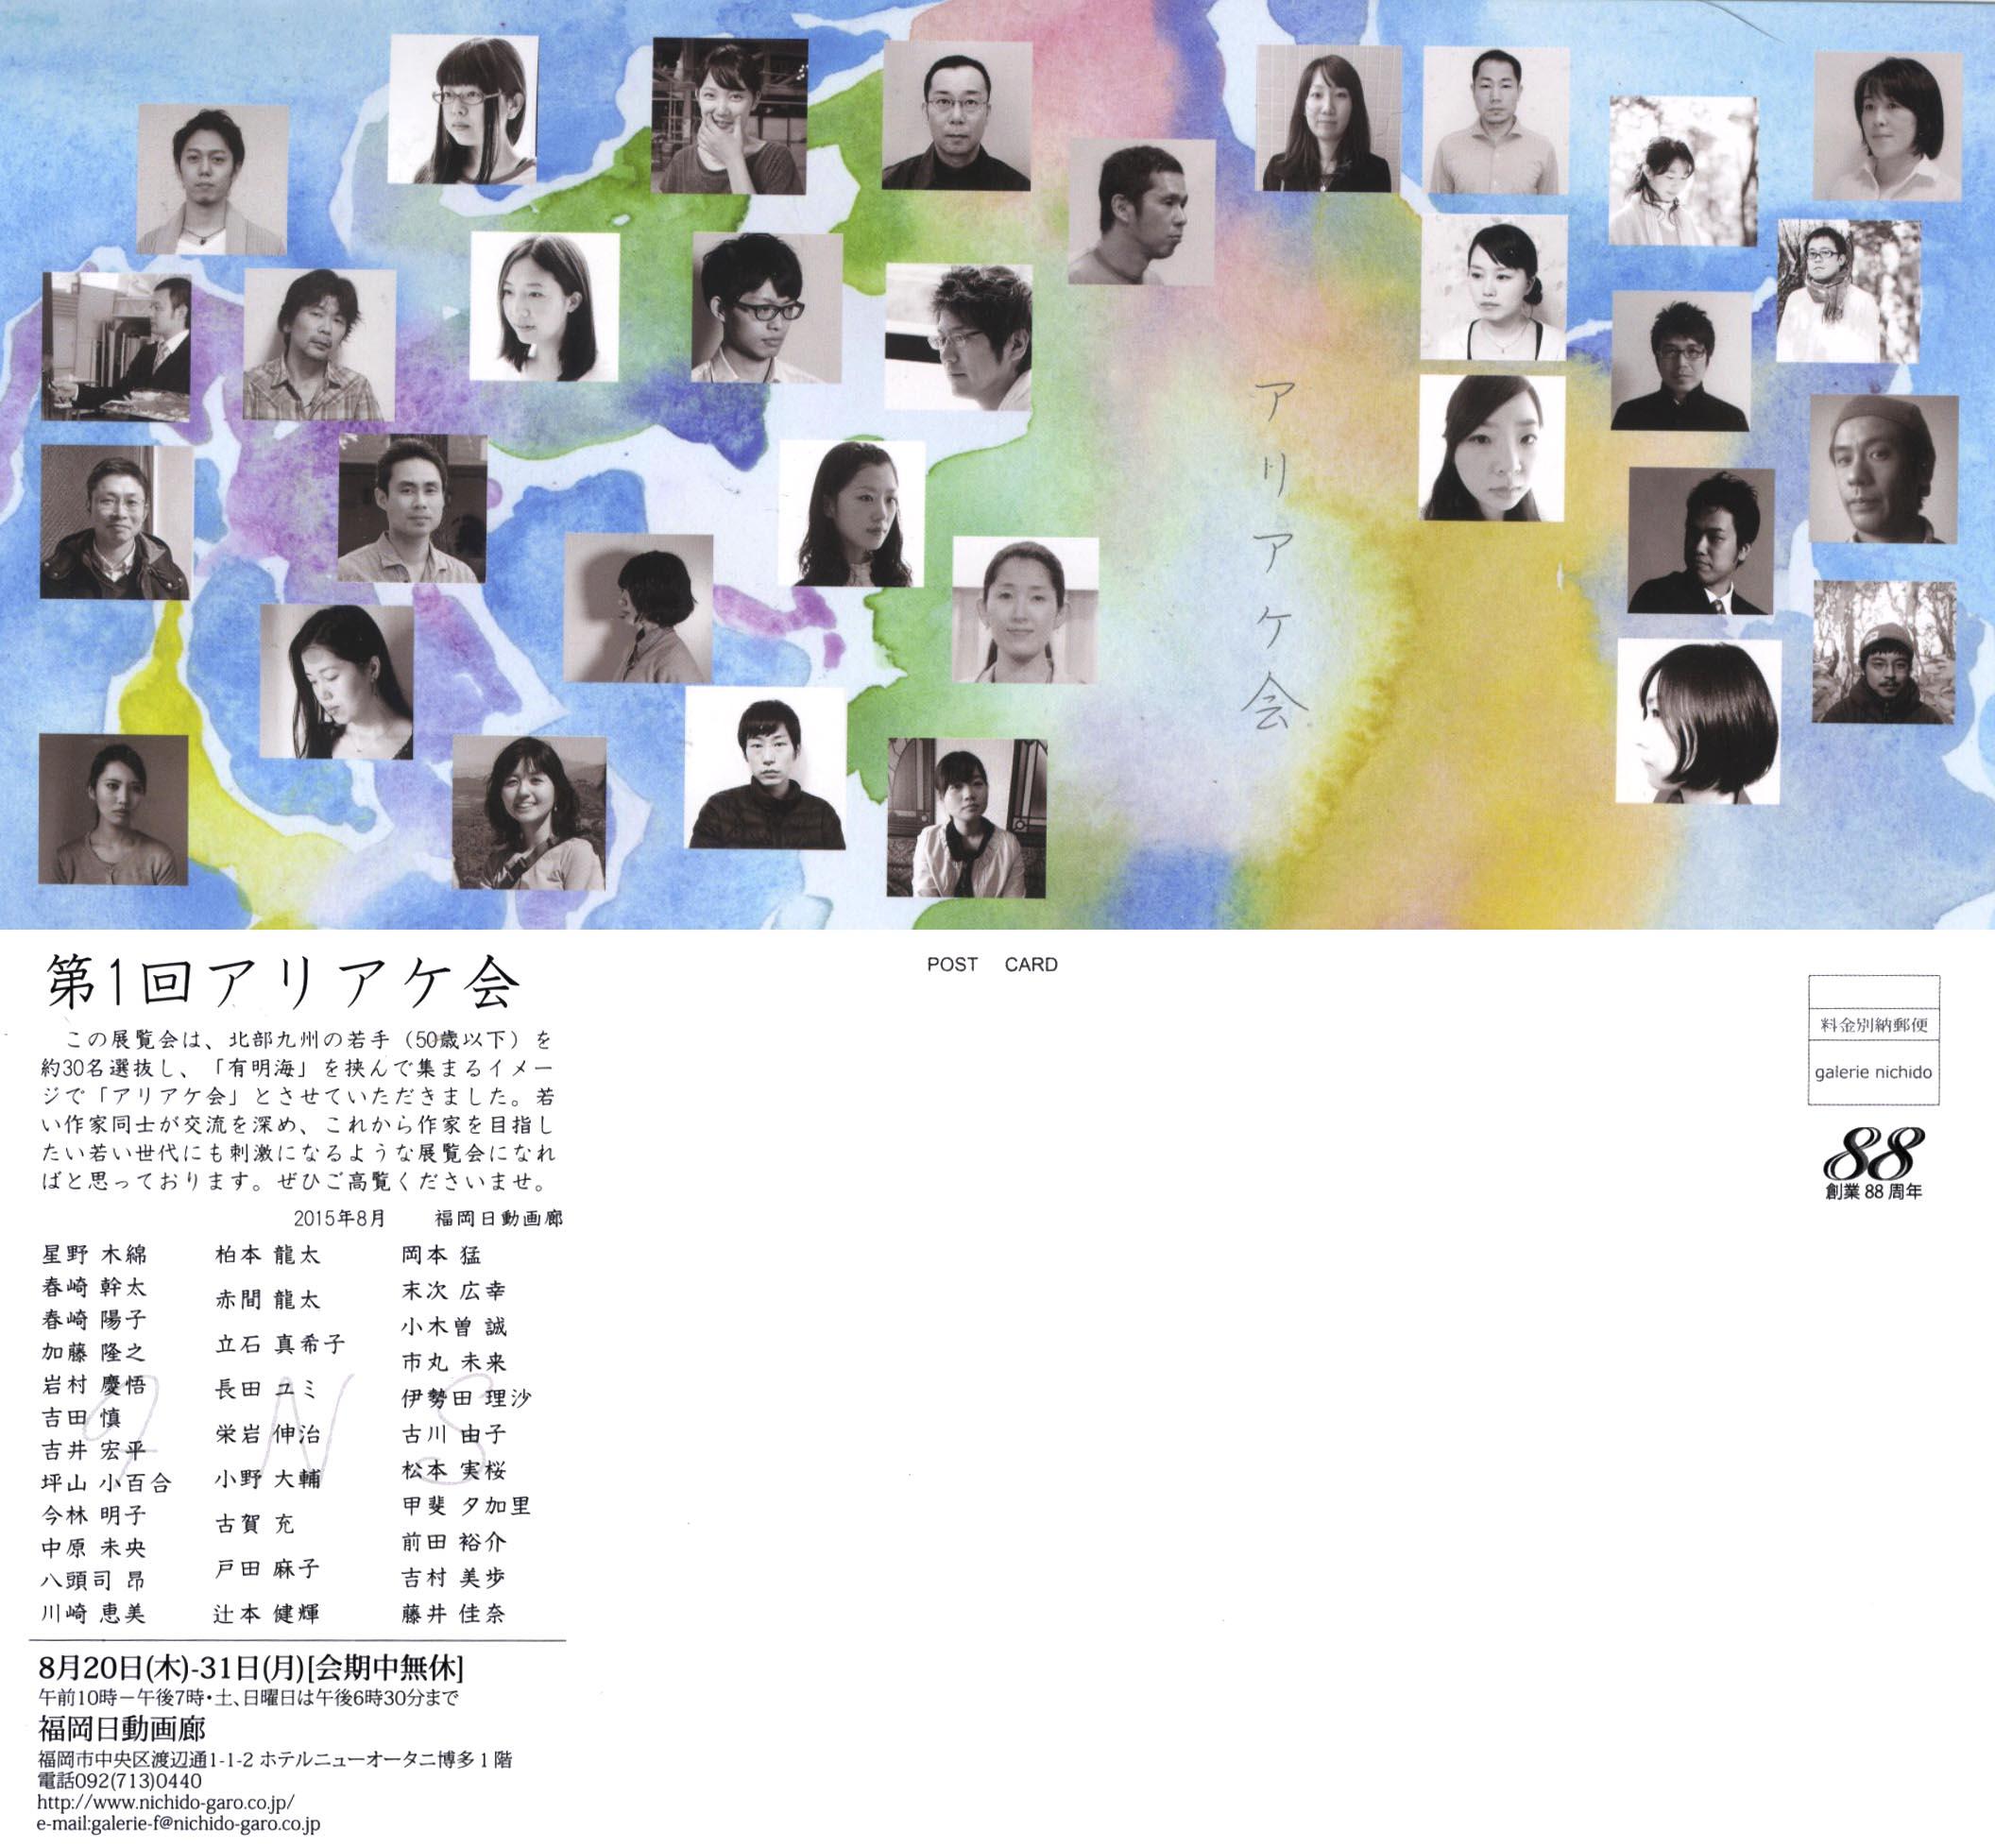 第1回 アリアケ会 8/20-31_f0176370_16422644.jpg